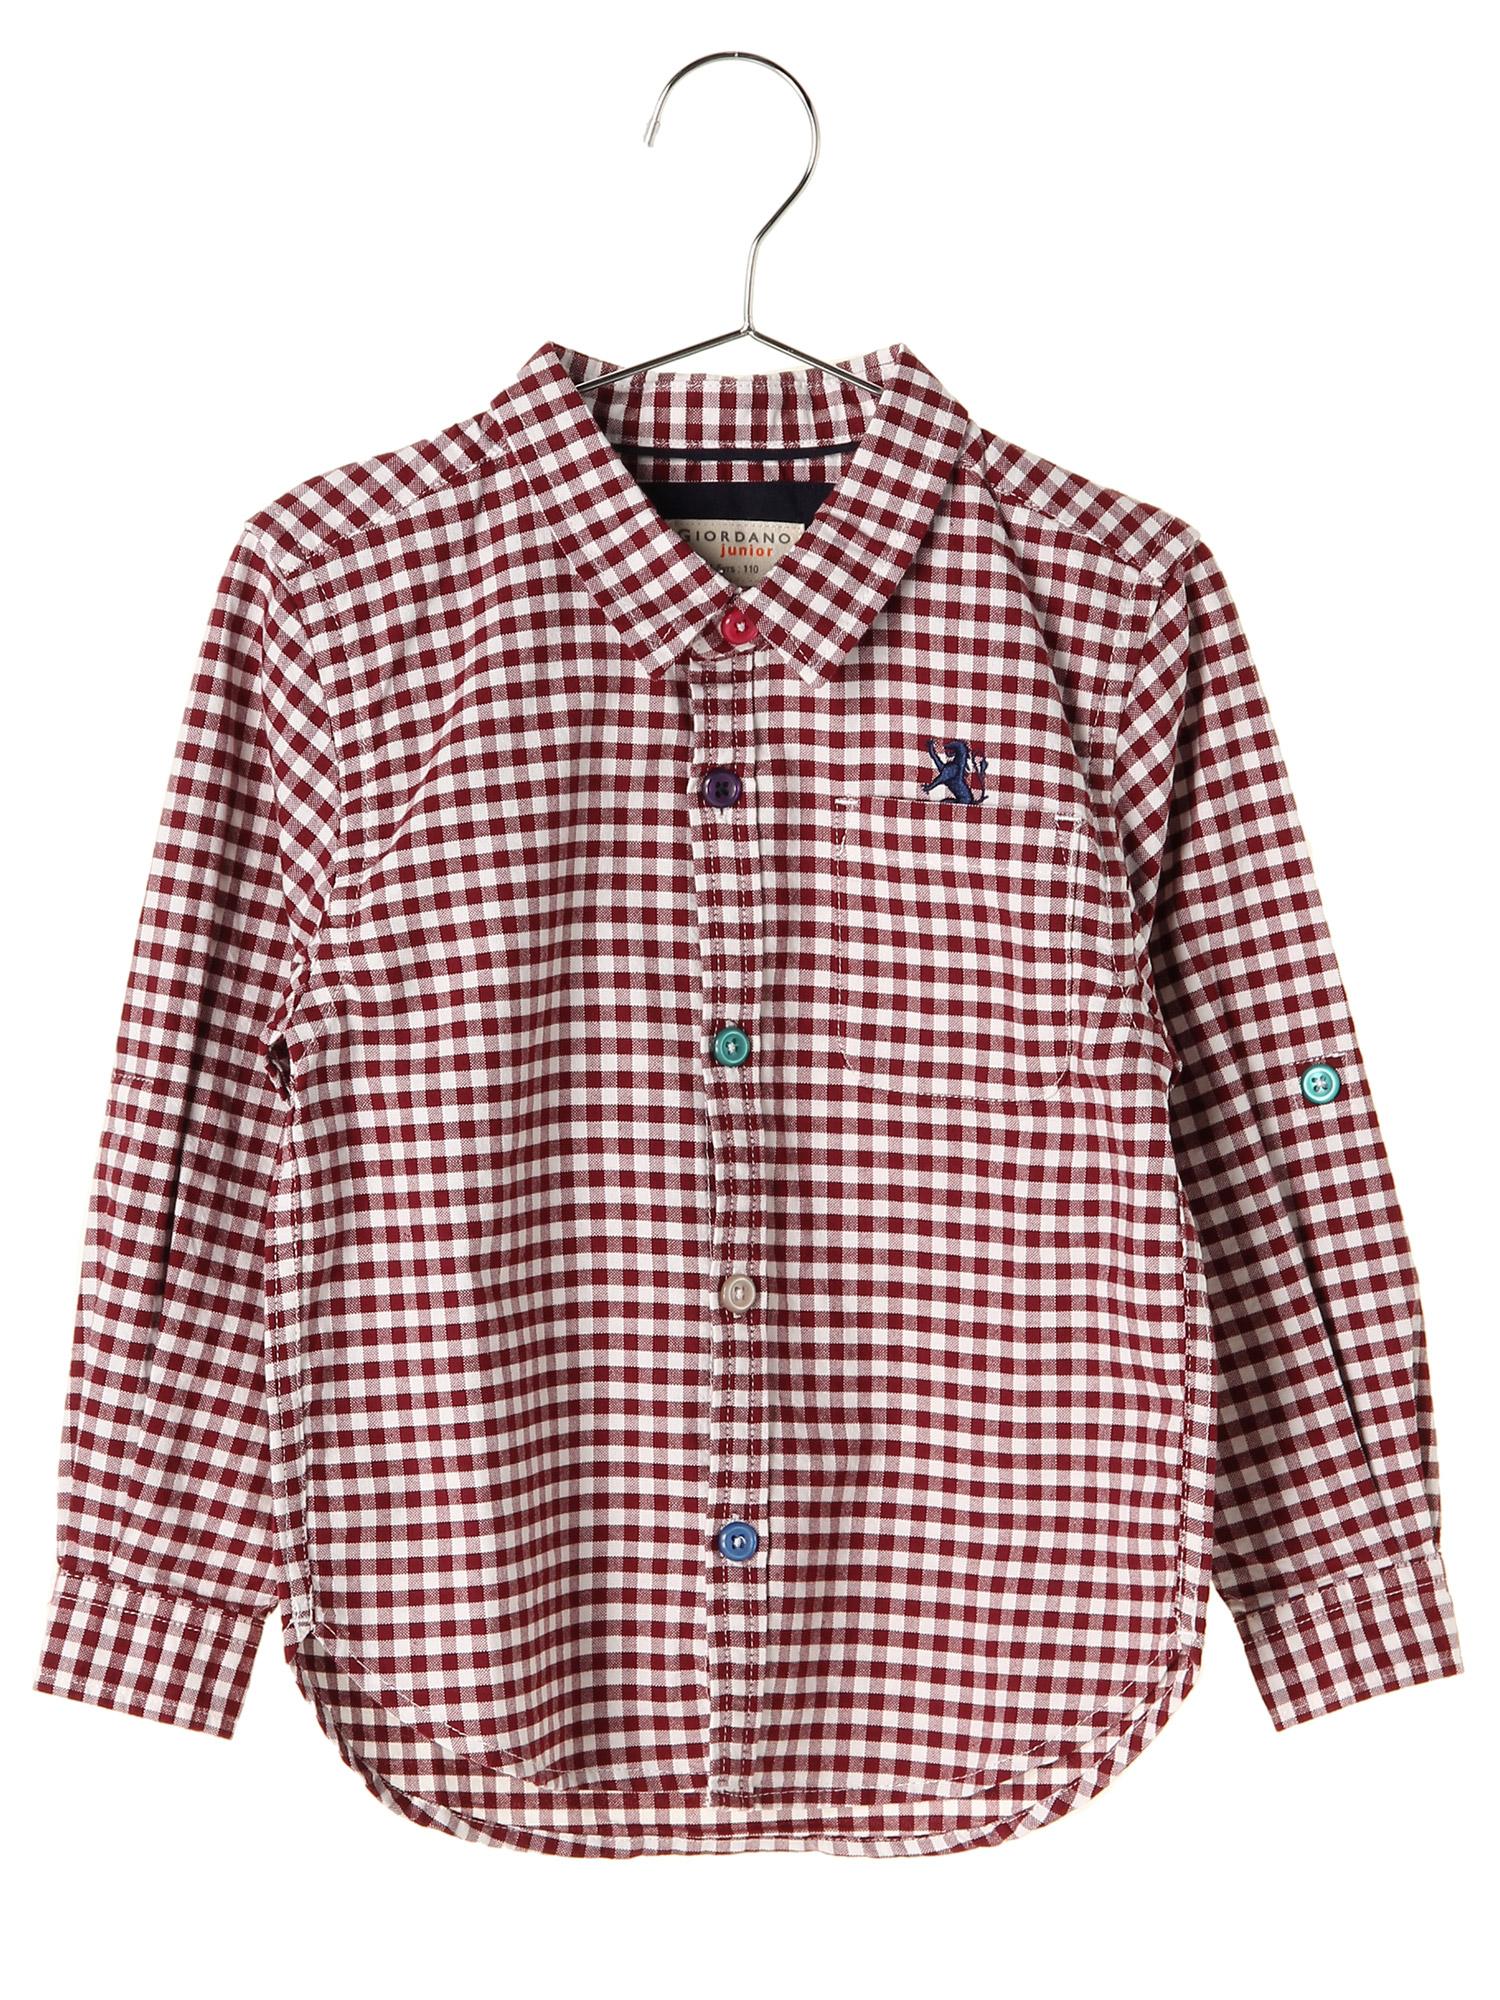 [GIORDANO]ライオン刺繍ギンガムチェックシャツ